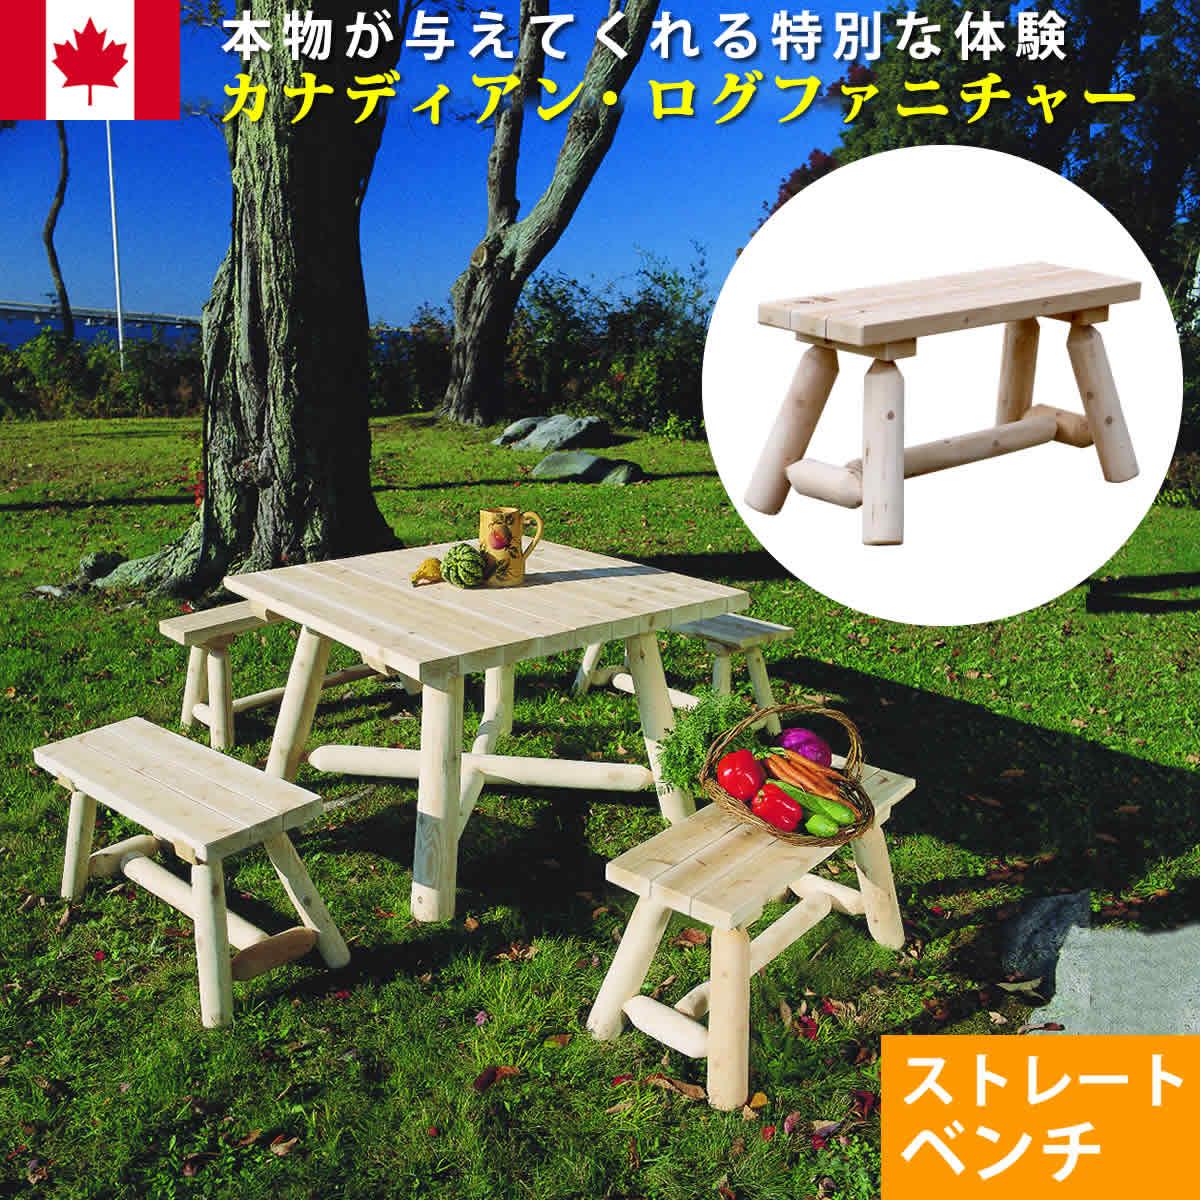 ガーデンベンチ 木製 ベンチ 屋外 長椅子 おしゃれ 椅子 ガーデン チェア イス ガーデンチェアー ベランダ テラス ガーデンチェア チェアー いす バルコニー ウッドデッキ 庭 屋外 ガーデンファニチャー ファニチャー 腰掛け 木製ガーデンベンチ